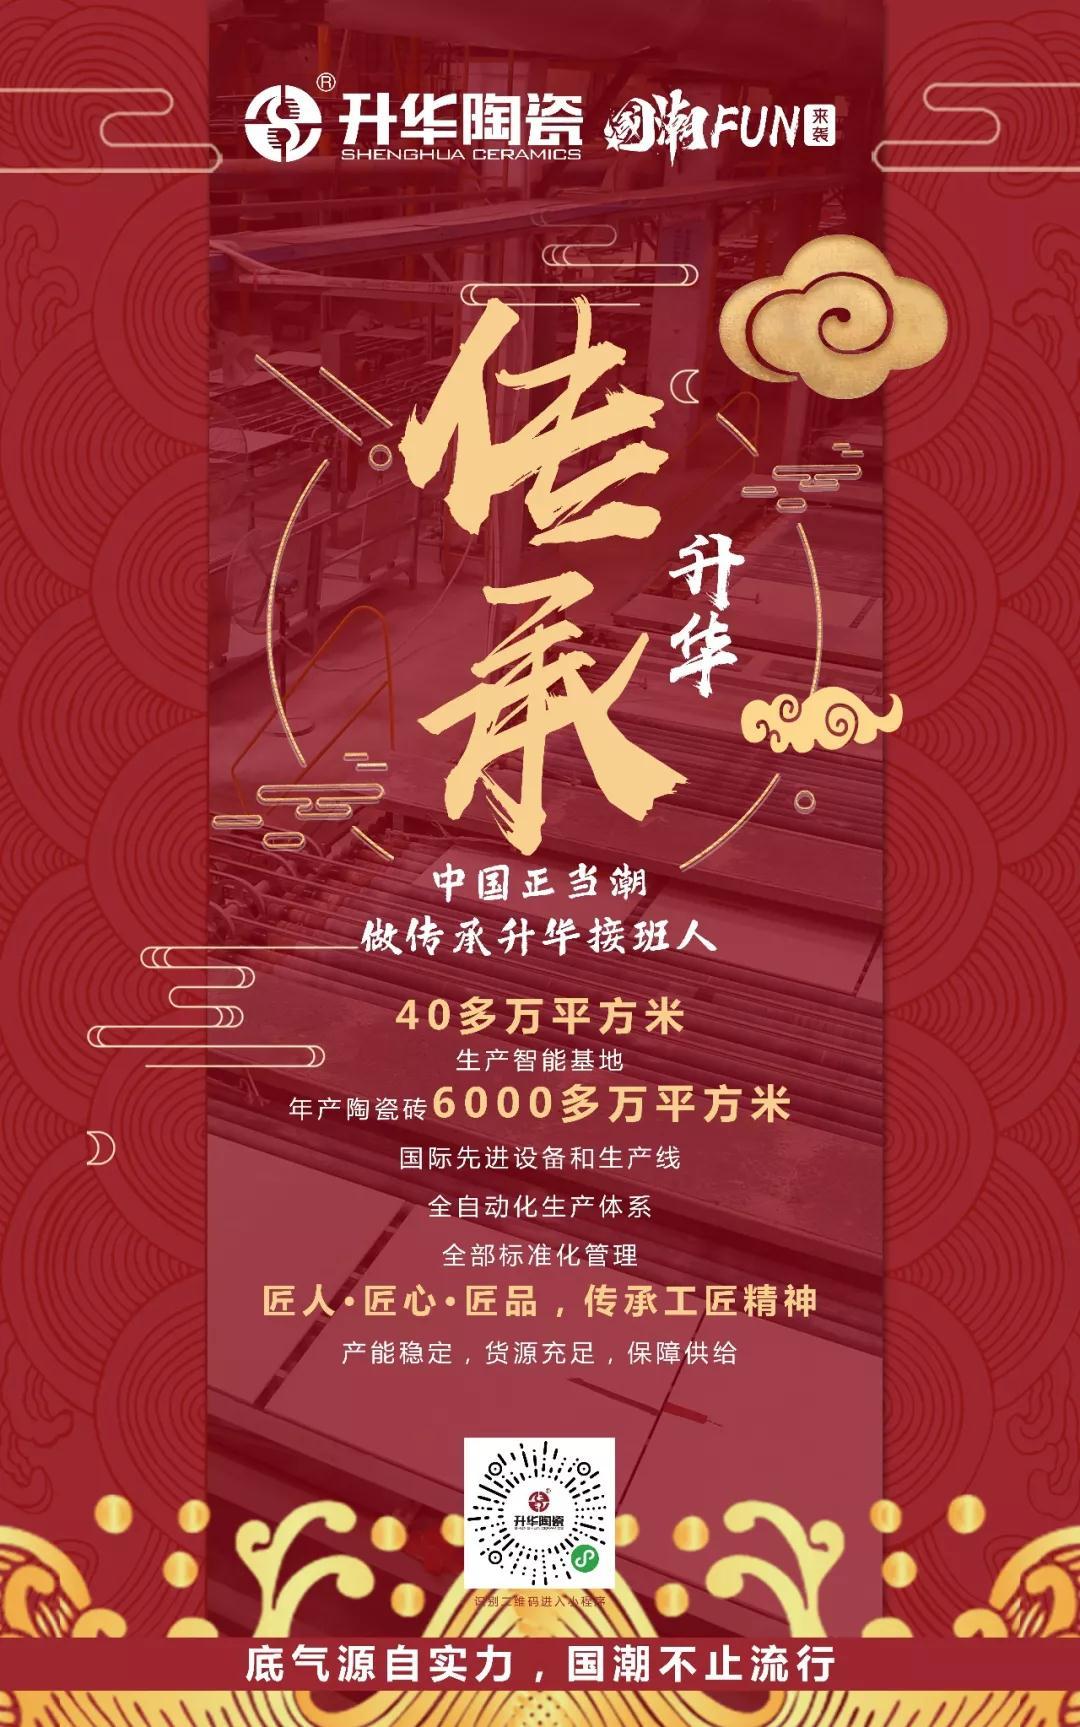 爱拼陶瓷|中国合理潮,做传承爱拼的交班人!